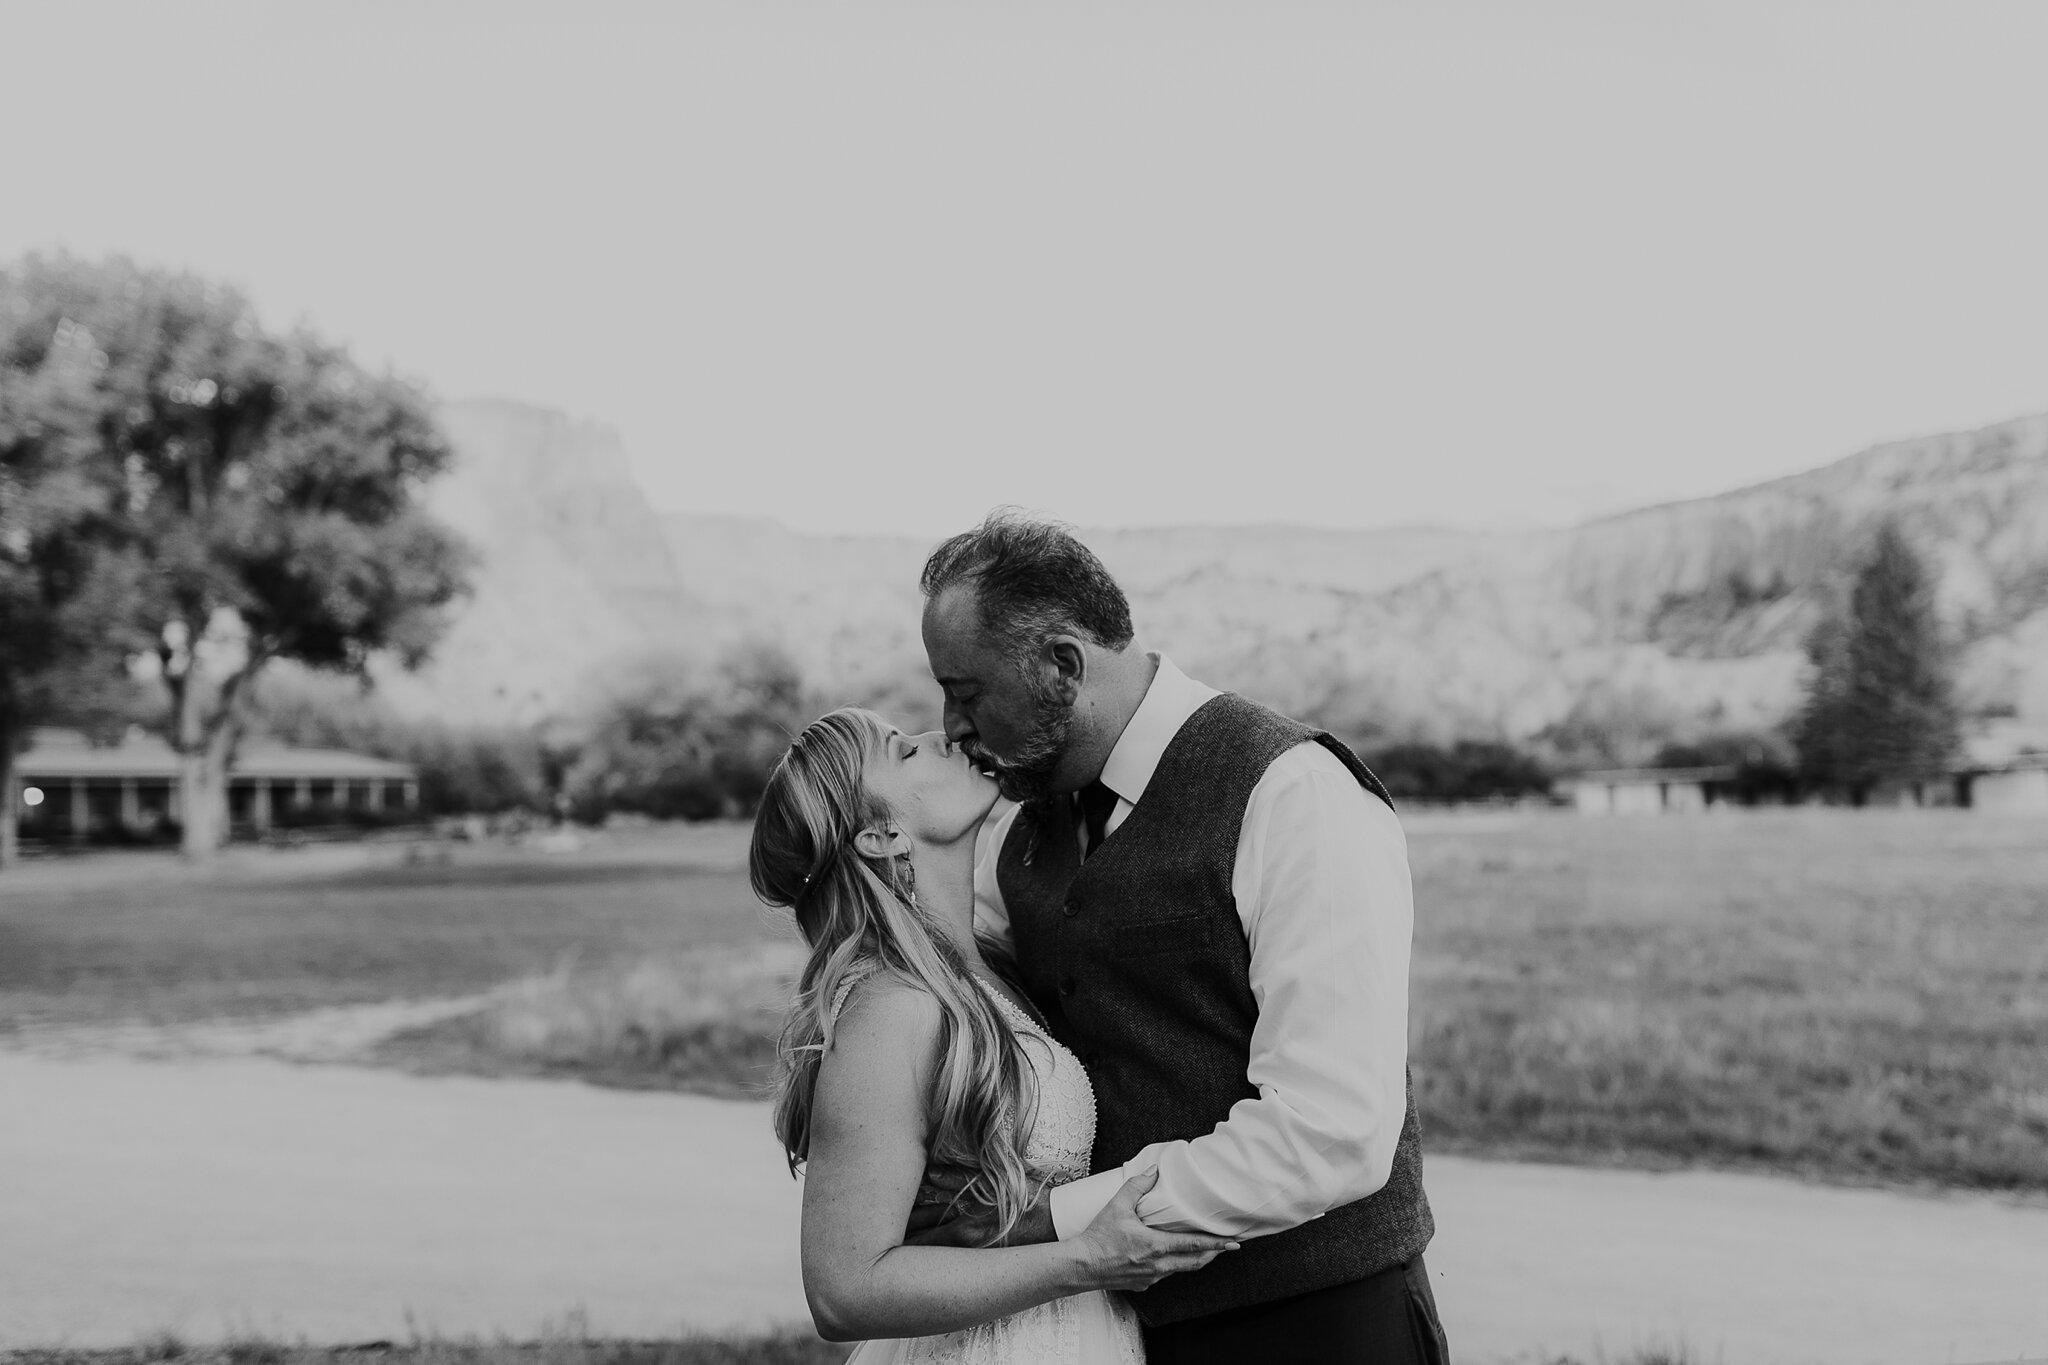 Alicia+lucia+photography+-+albuquerque+wedding+photographer+-+santa+fe+wedding+photography+-+new+mexico+wedding+photographer+-+new+mexico+wedding+-+wedding+-+santa+fe+wedding+-+ghost+ranch+-+ghost+ranch+wedding+-+fall+wedding_0079.jpg